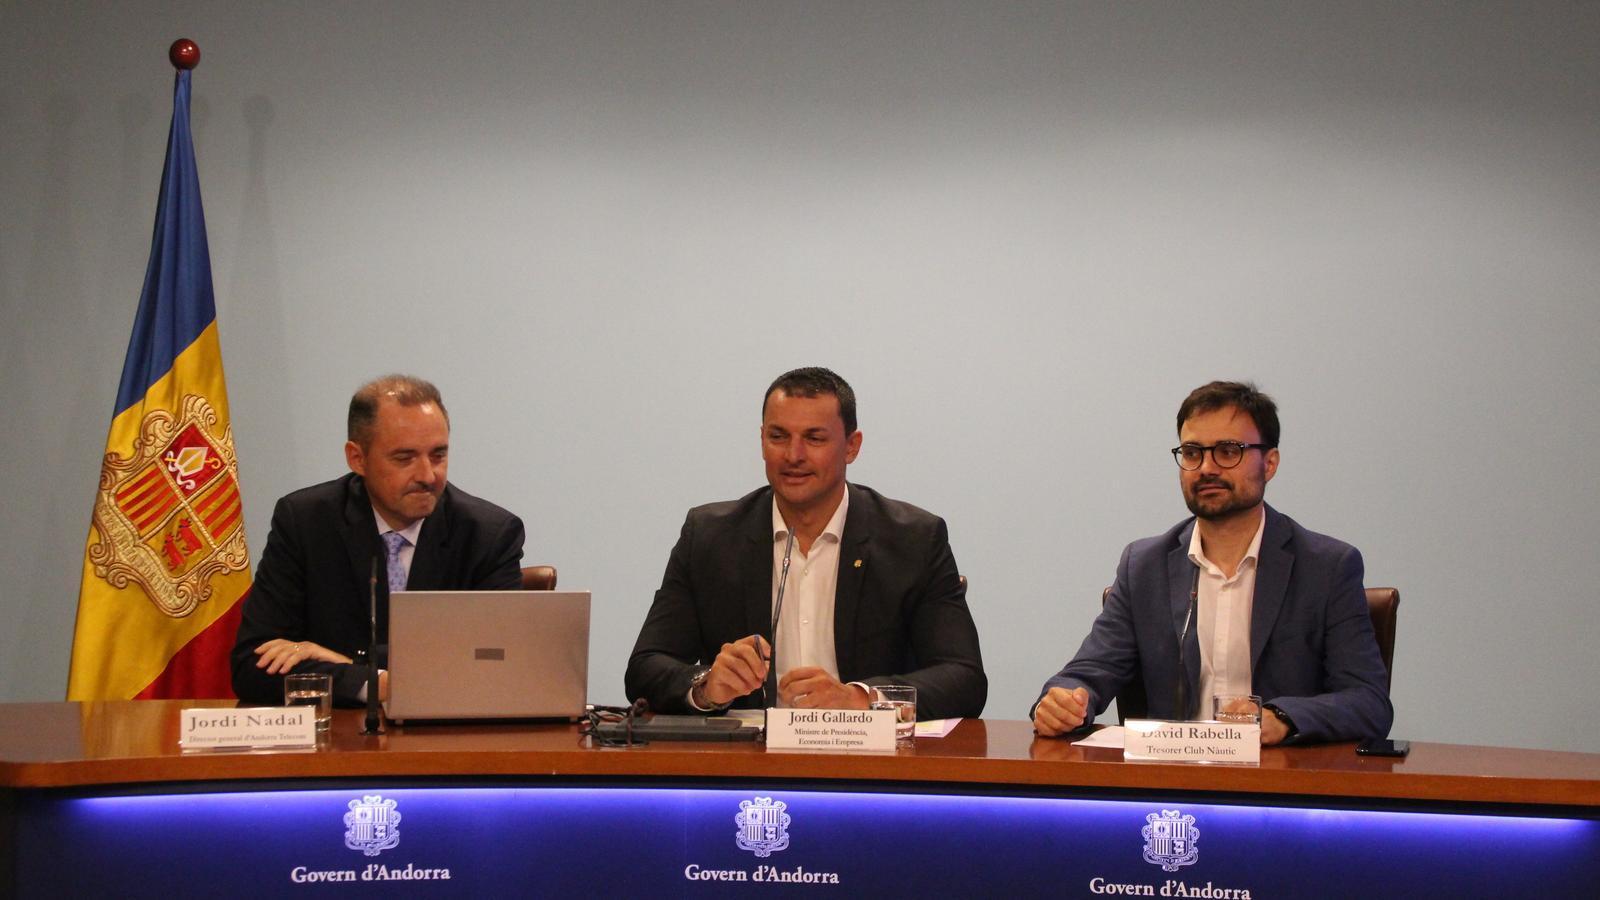 Jordi Nadal, director general d'Andorra Telecom; Jordi Gallardo, ministre de Presidència, Economia i Empresa, i David Rabella, tresorer del Club Nàutic Andorra, en la presentació dels codis marítims per a embarcacions andorranes. / S. M. (ANA)